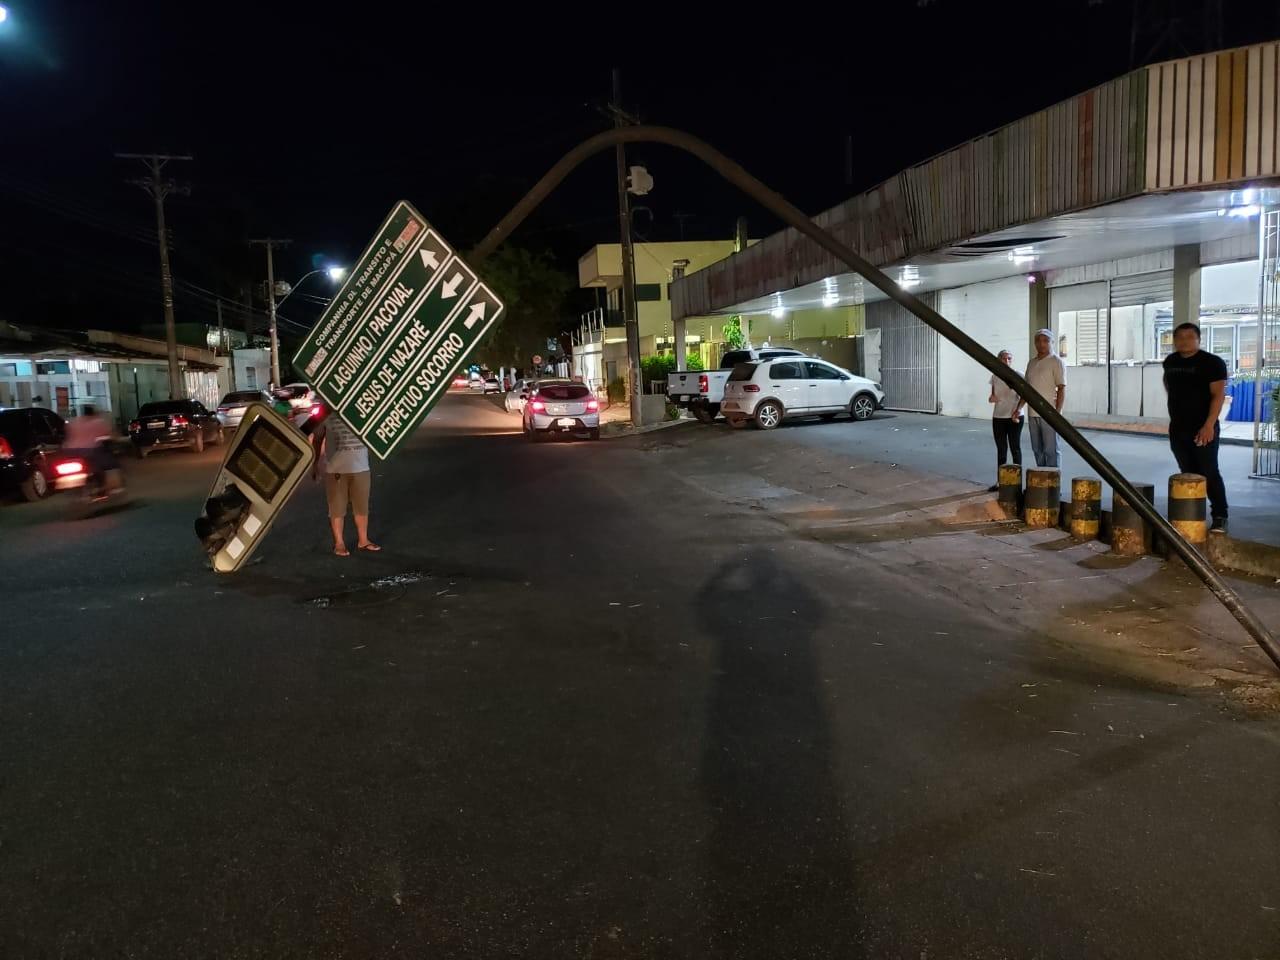 Carreta danifica semáforo em Macapá após colisão; empresa deverá pagar pelo dano - Notícias - Plantão Diário